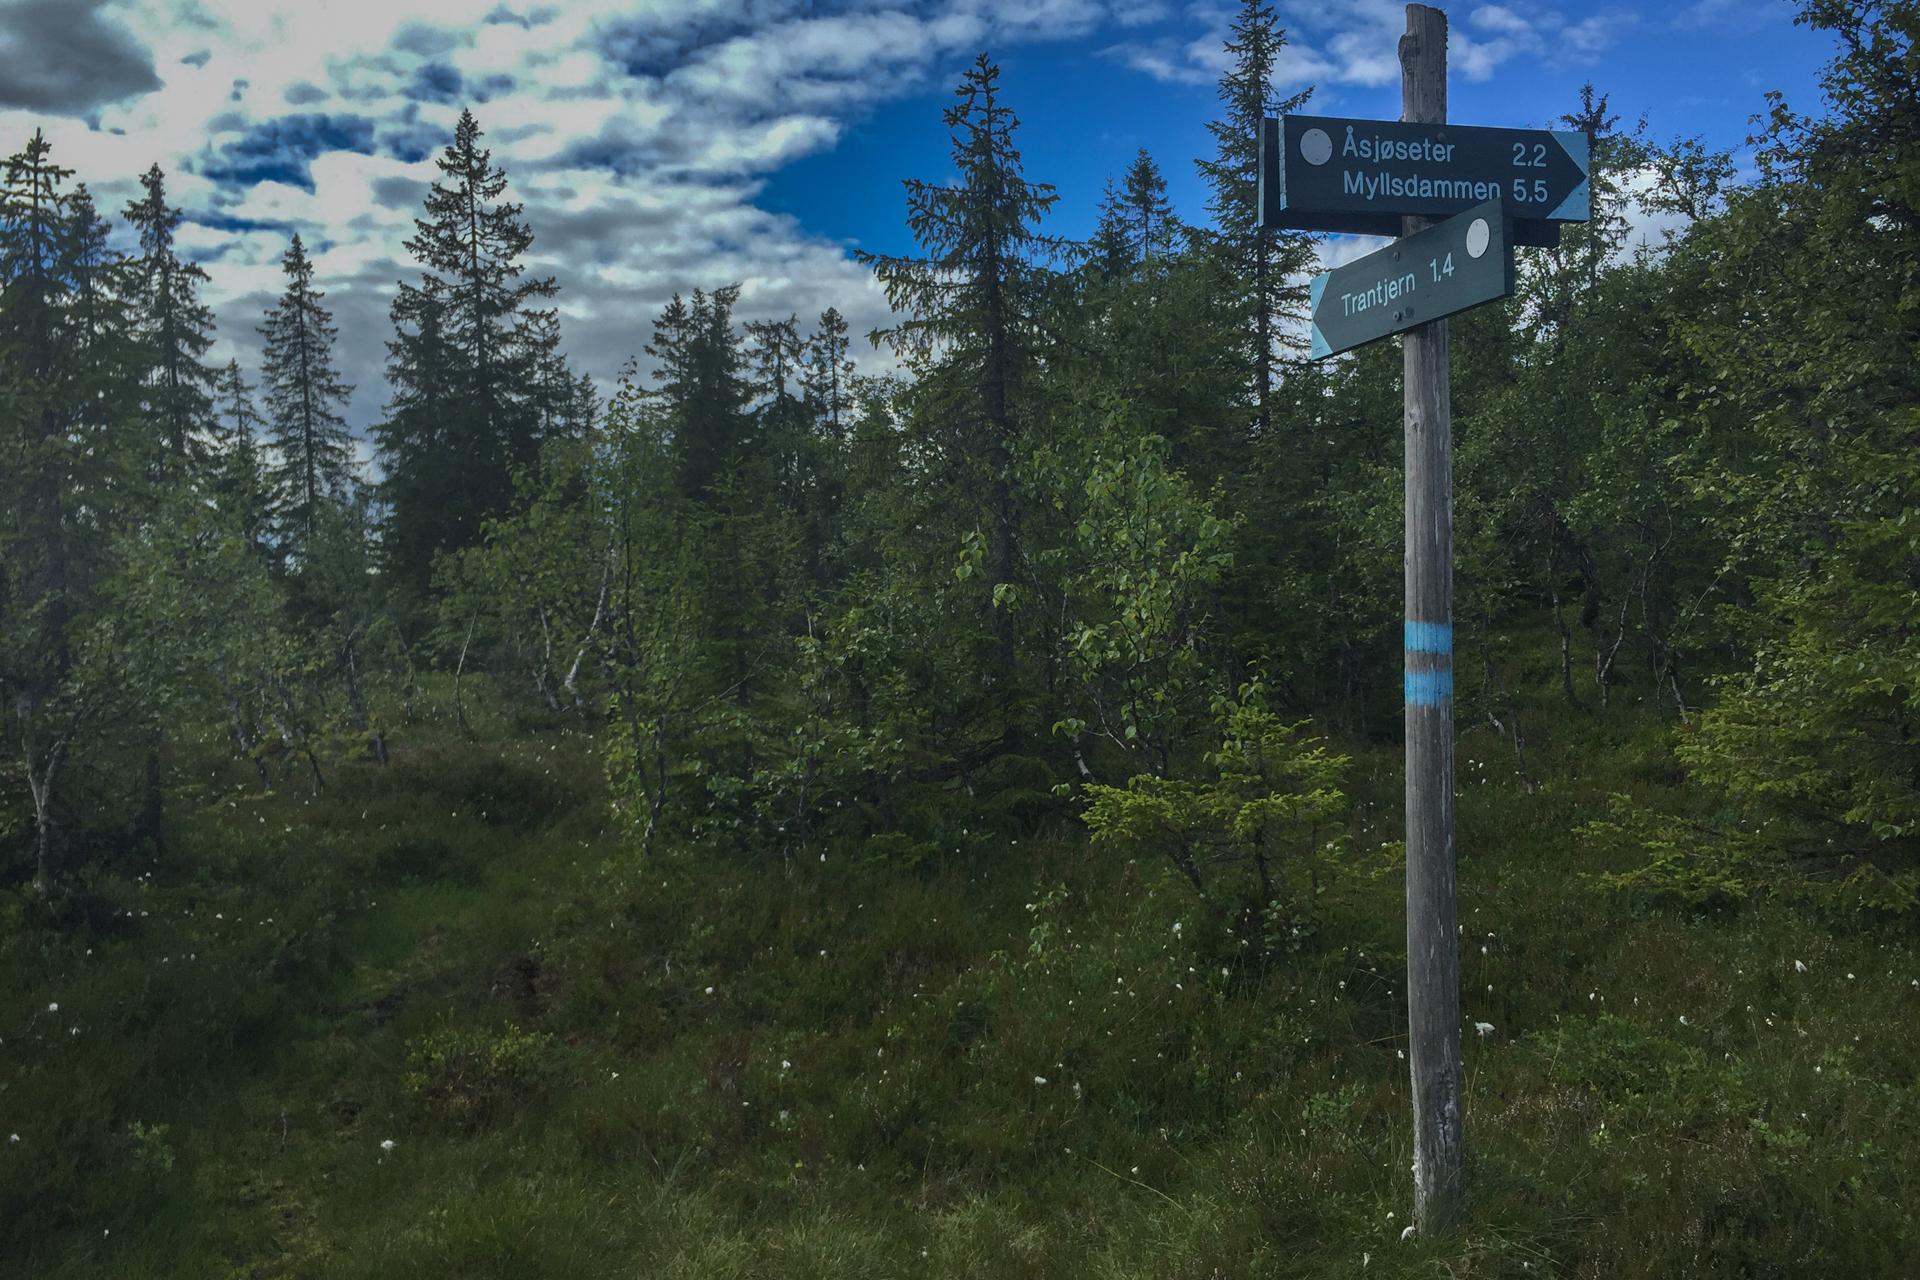 I dette krysset burde jeg ha sjekket kartet. Det gjorde jeg ikke, og tok til Trantjern. Det er totalbom for NUC 54 km ruta som går videre til toppen på Kollern.